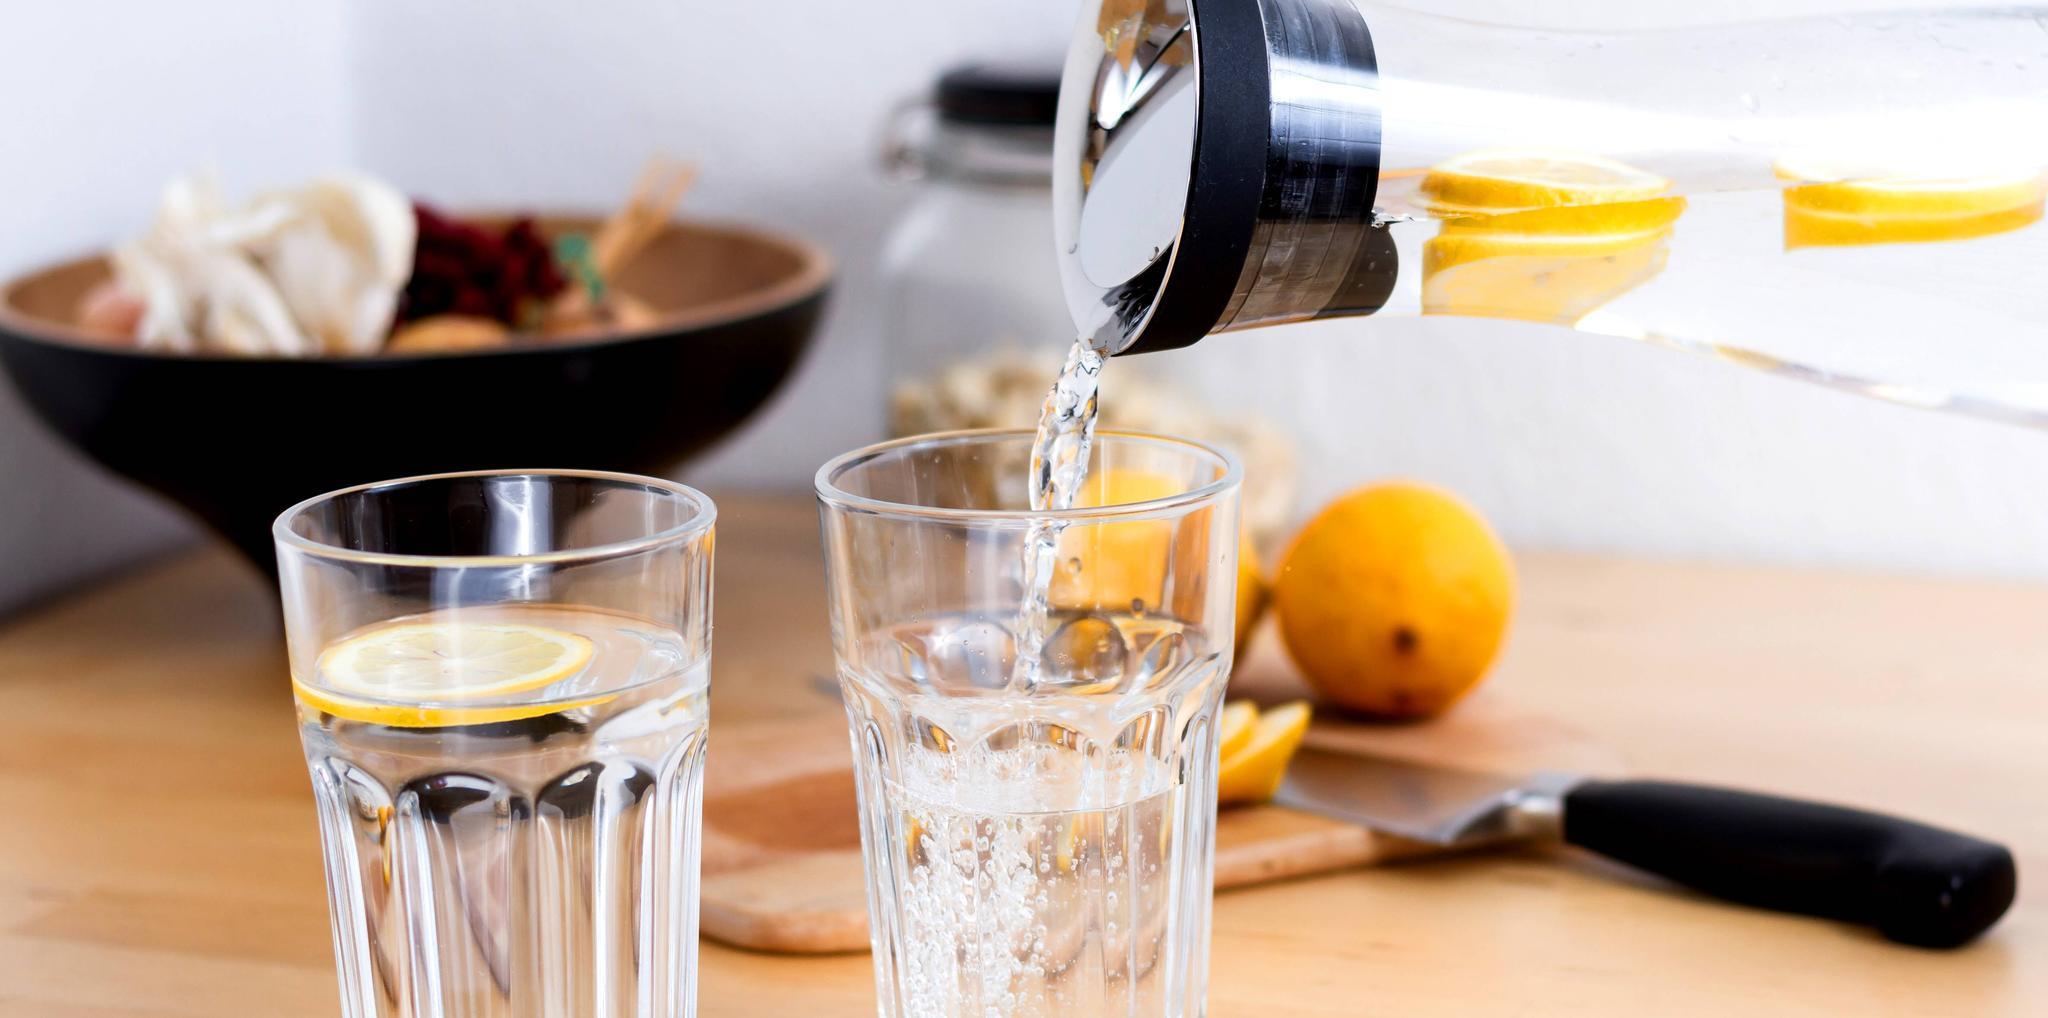 Zitronenwasser morgens zubereiten